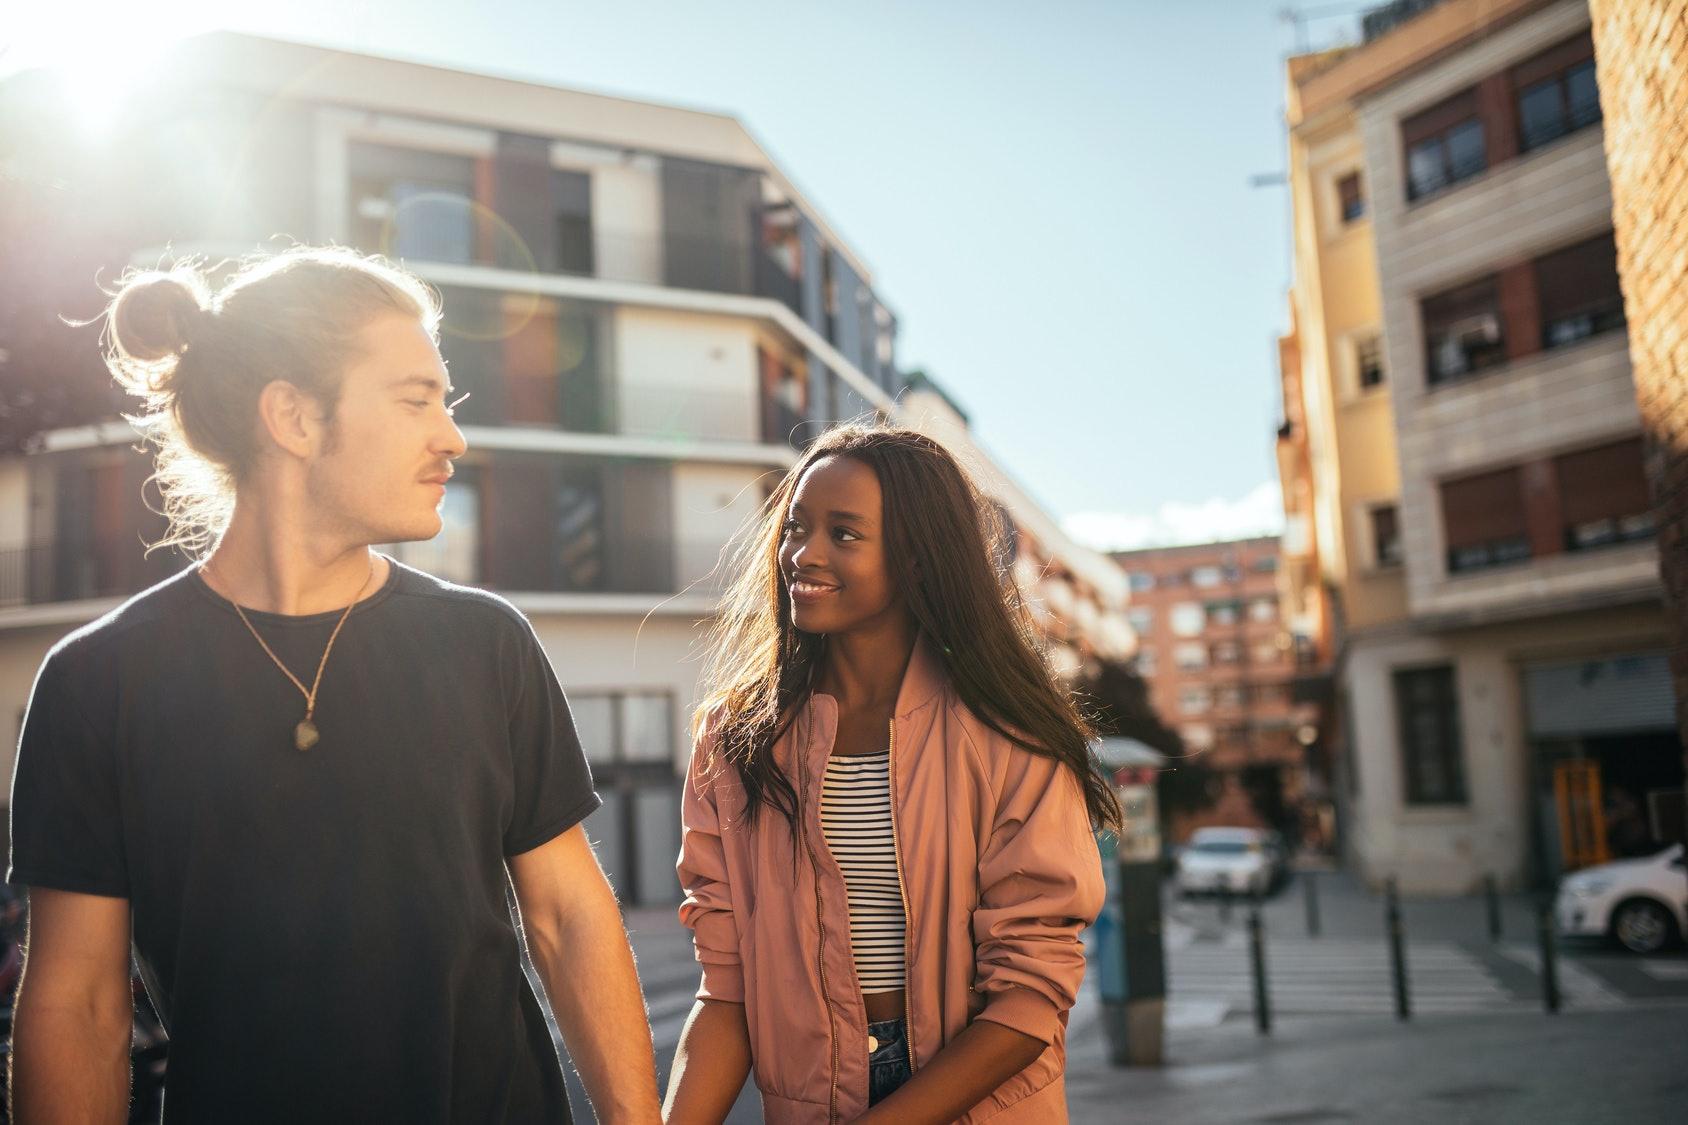 Will gemini find true love in 2018